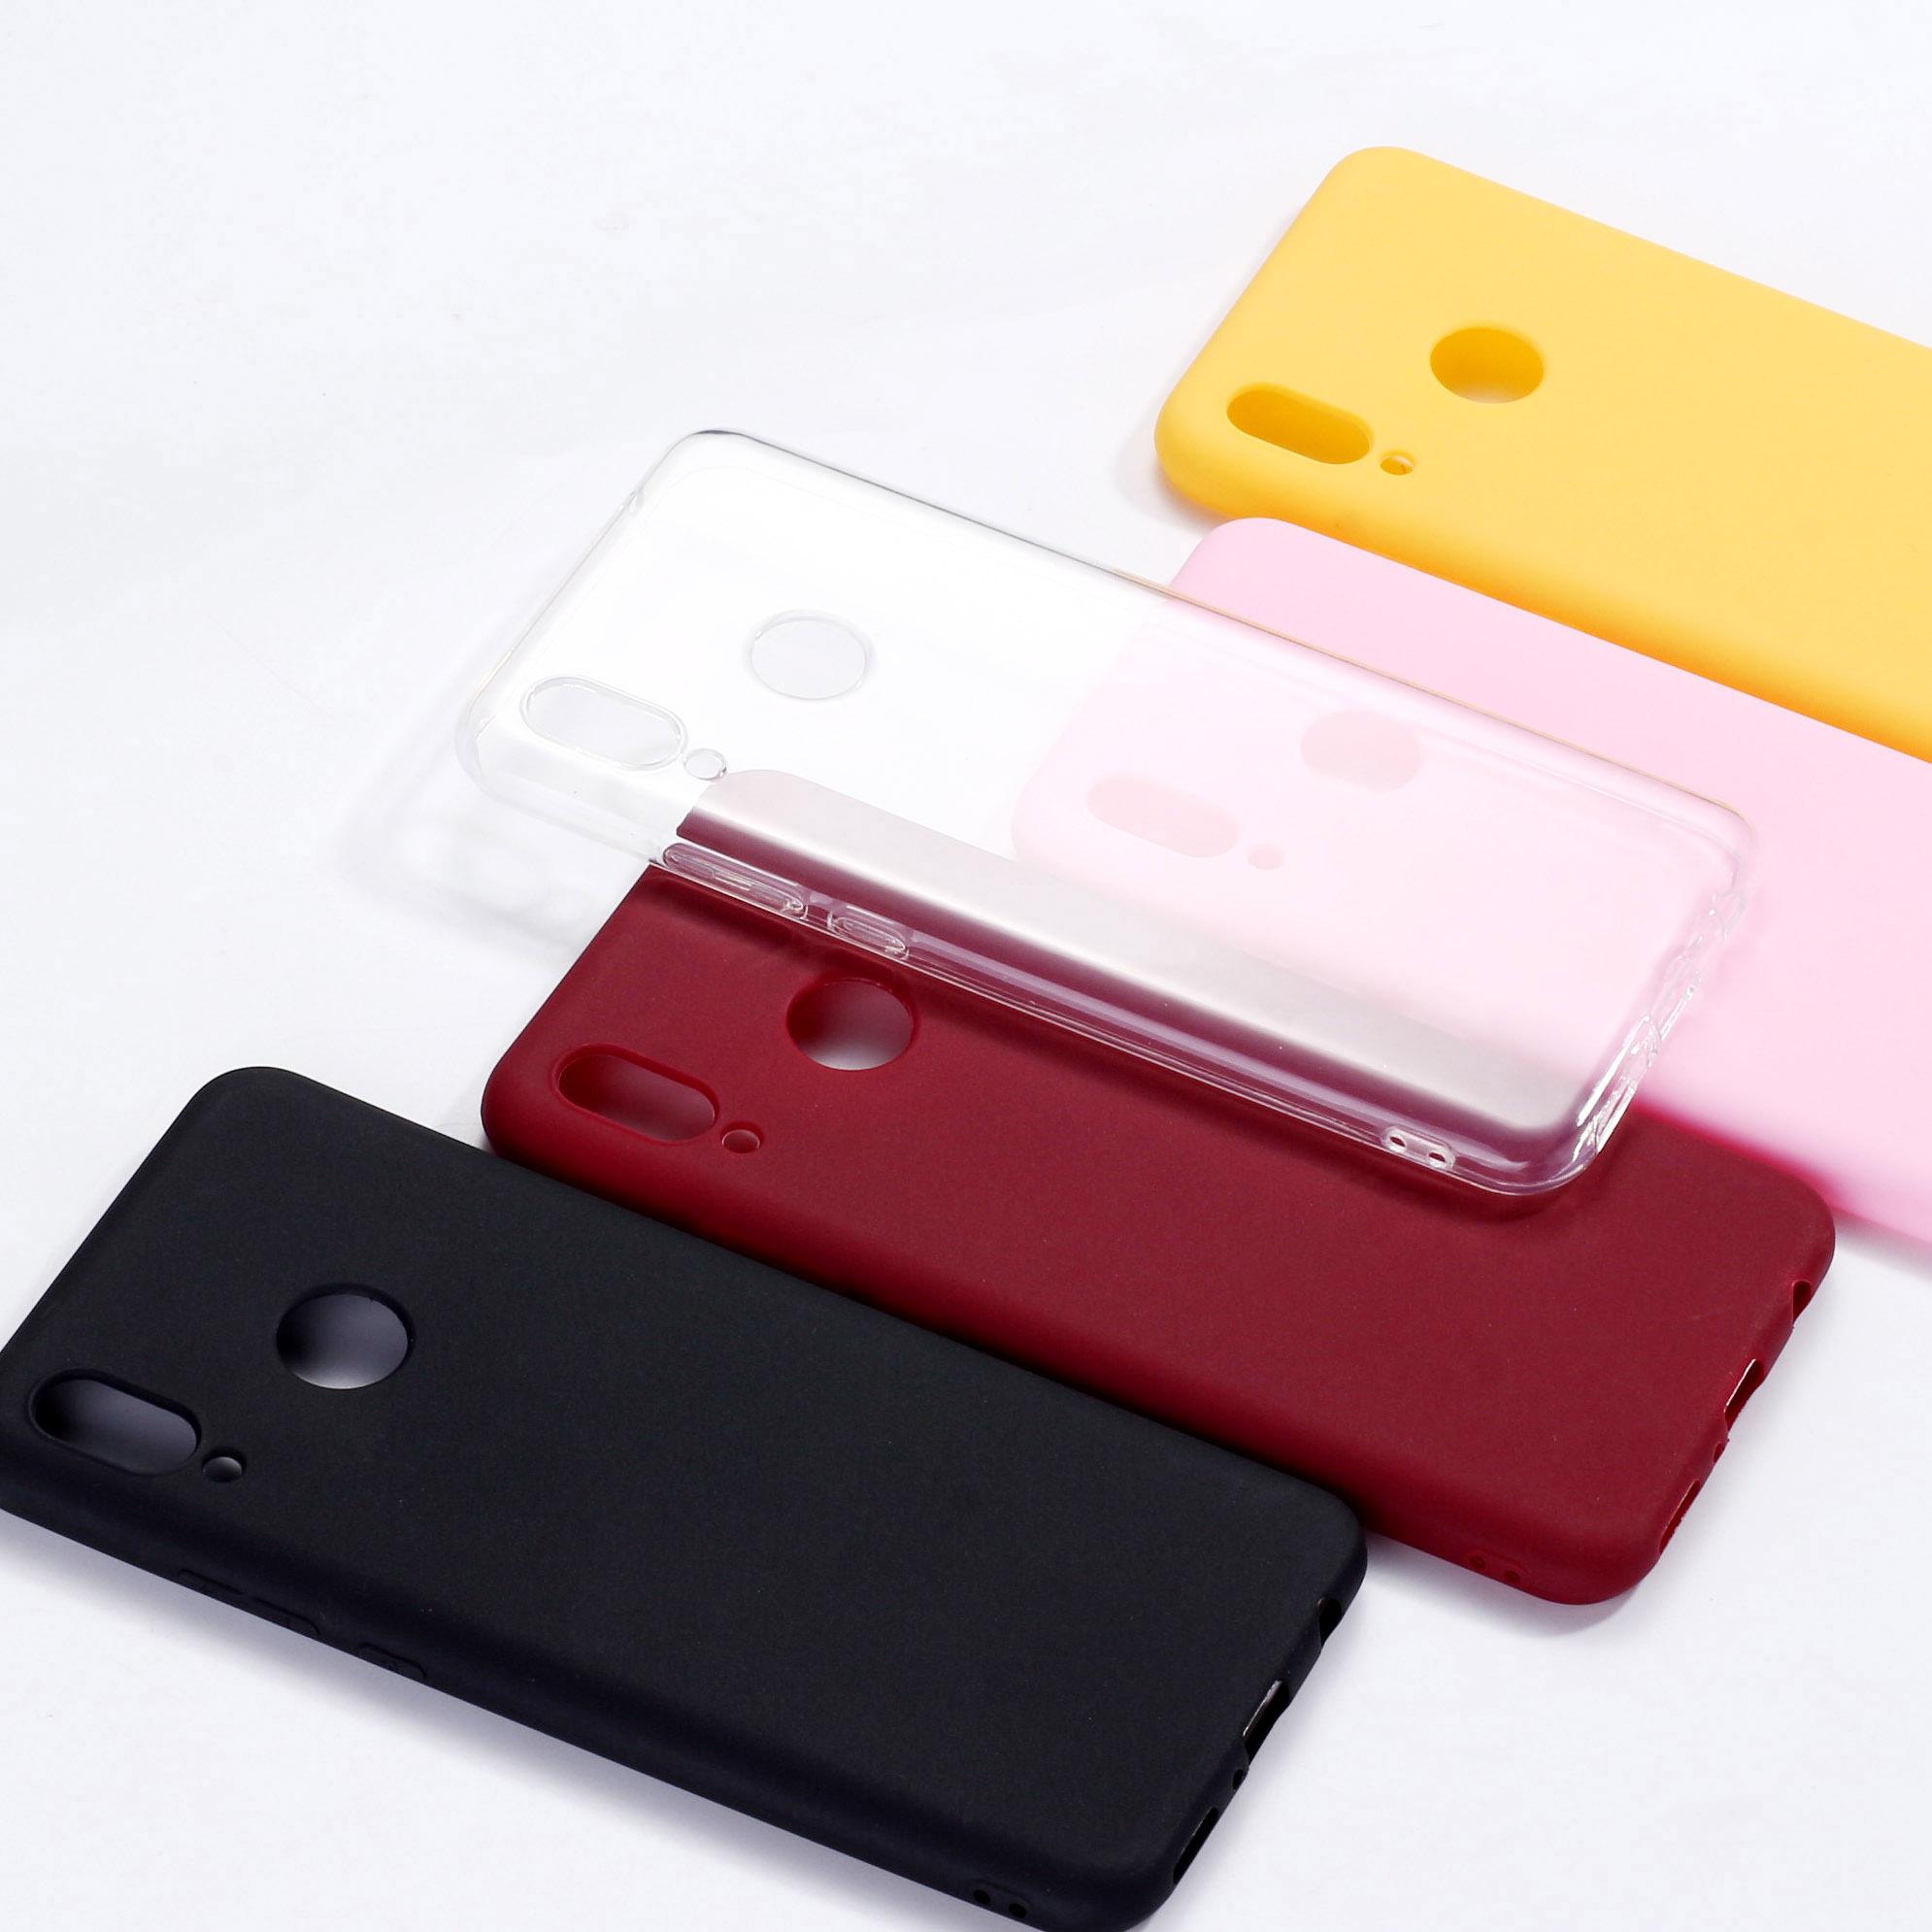 Funda de teléfono de silicona transparente para Xiaomi Mi Redmi Note 5, 6, 7, 8 y 9 lite Pro Plus, Color sólido y sencillo